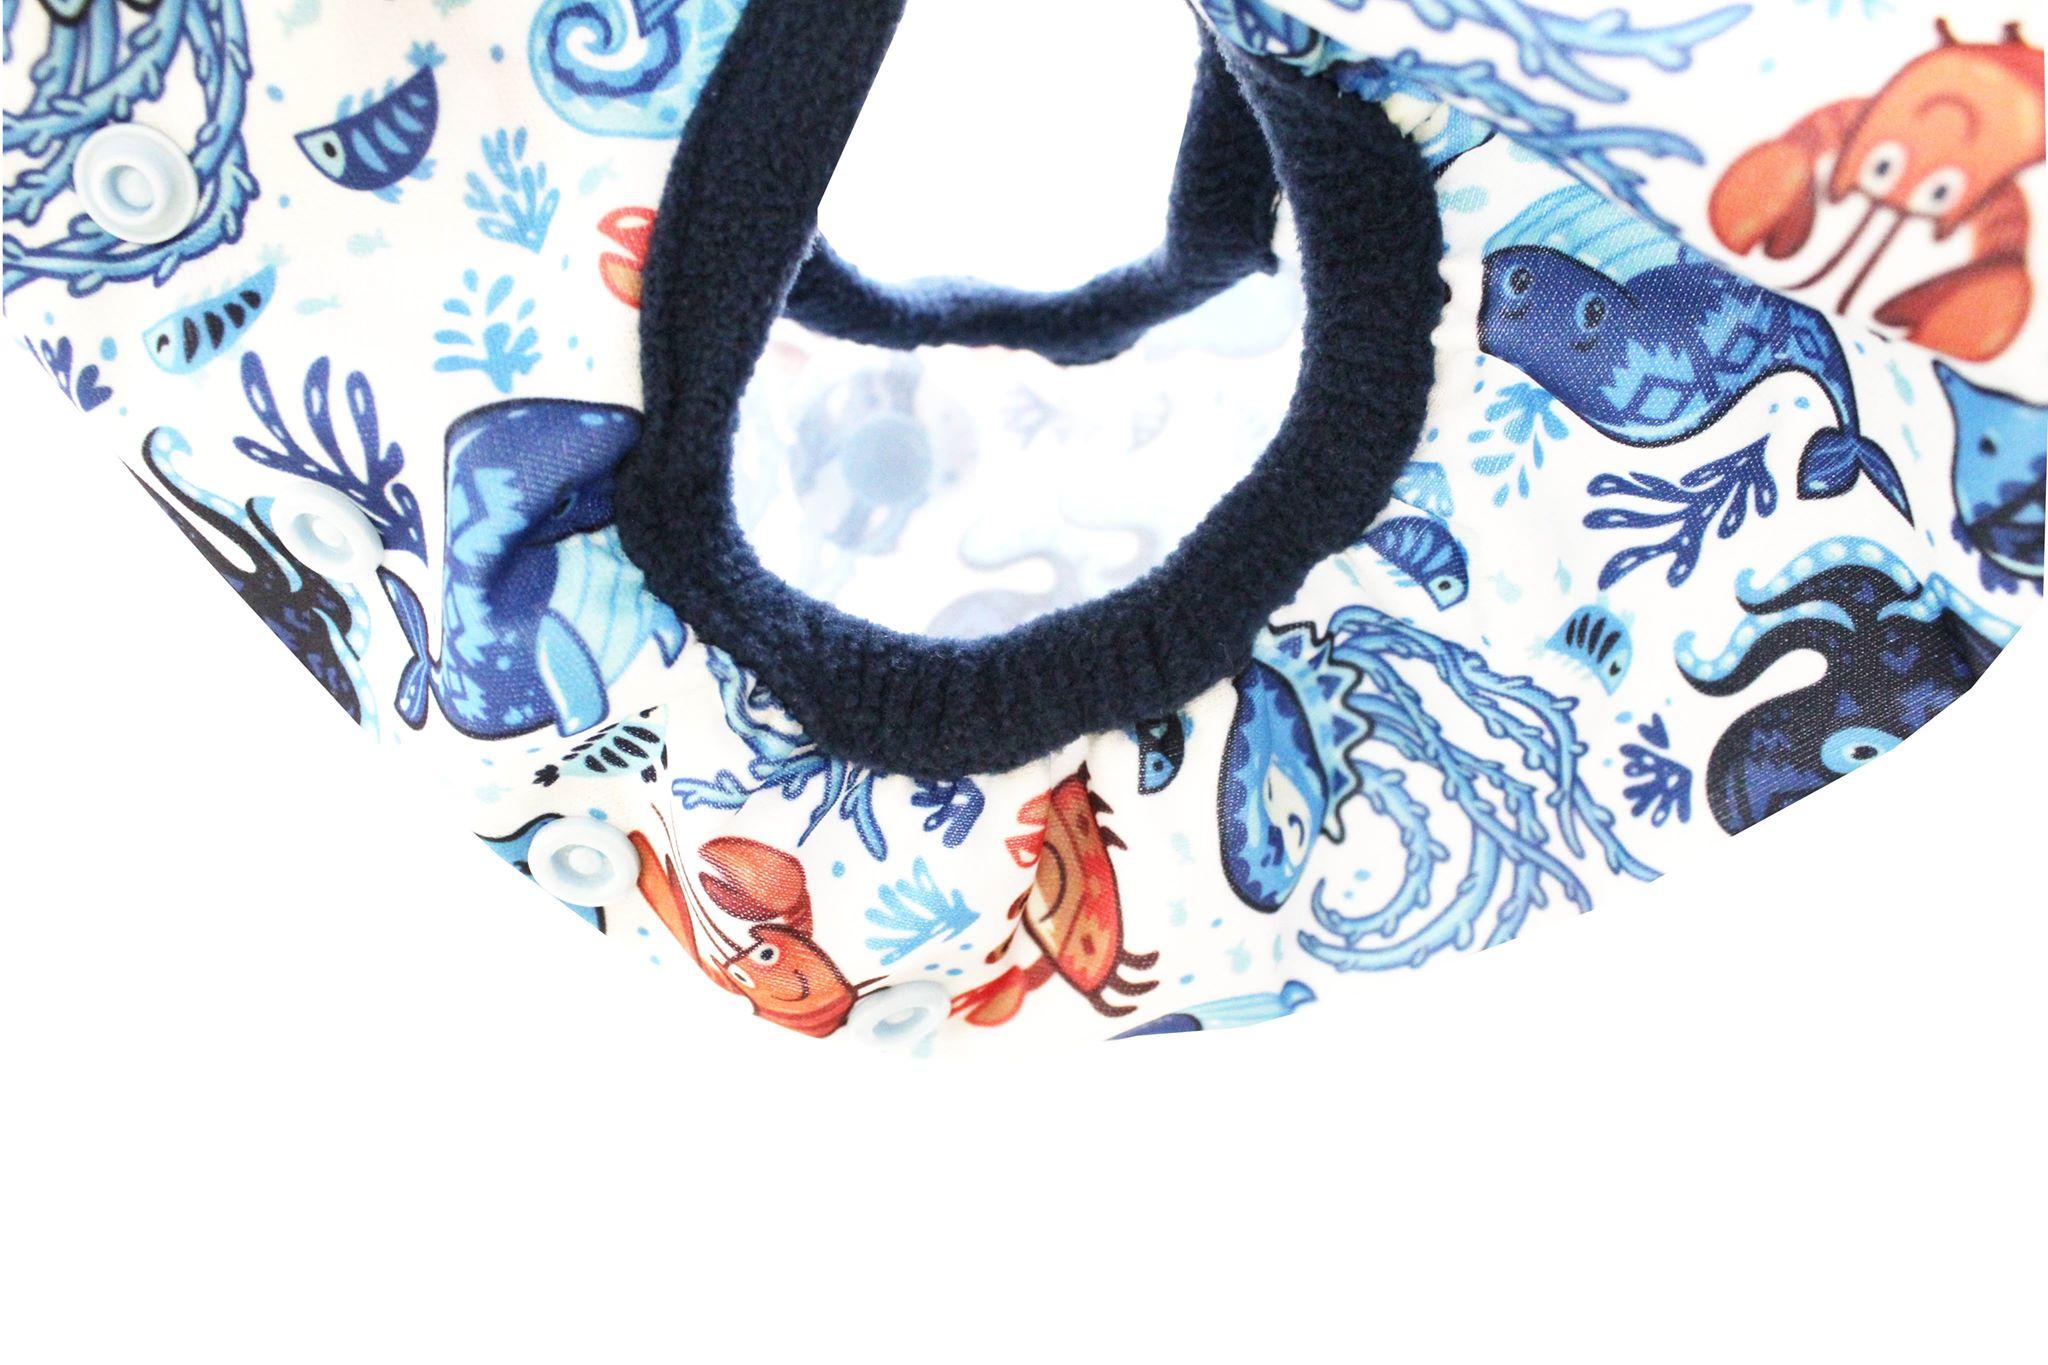 Svrchní kalhotky z PULu - Lemované fleecem, novorozenecké, na patentky, bez křidélek